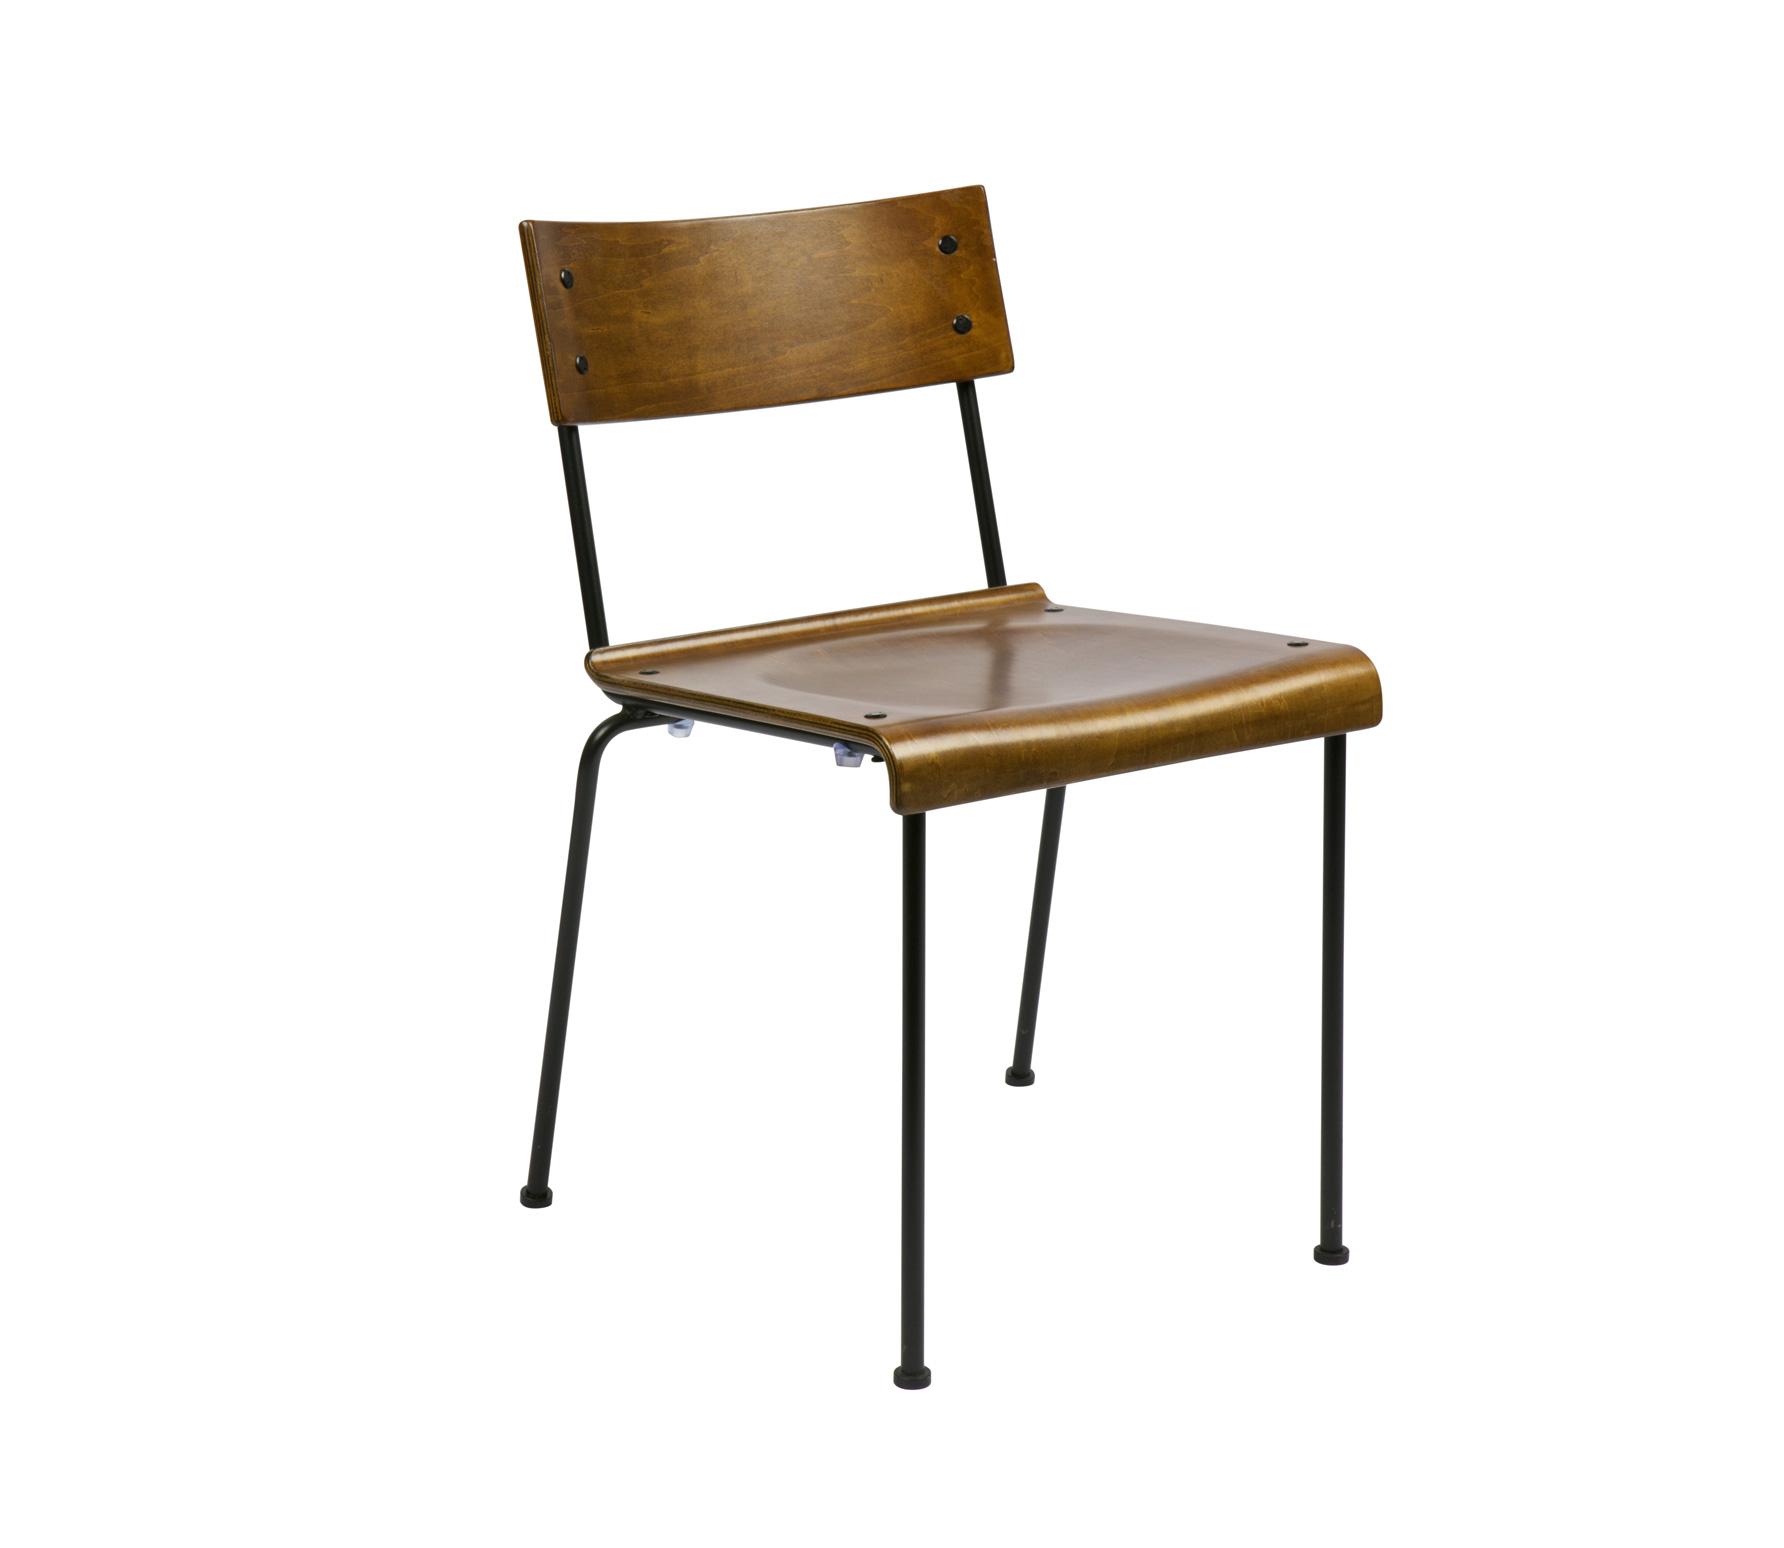 vtwonen stoel Vintage naturel schuin